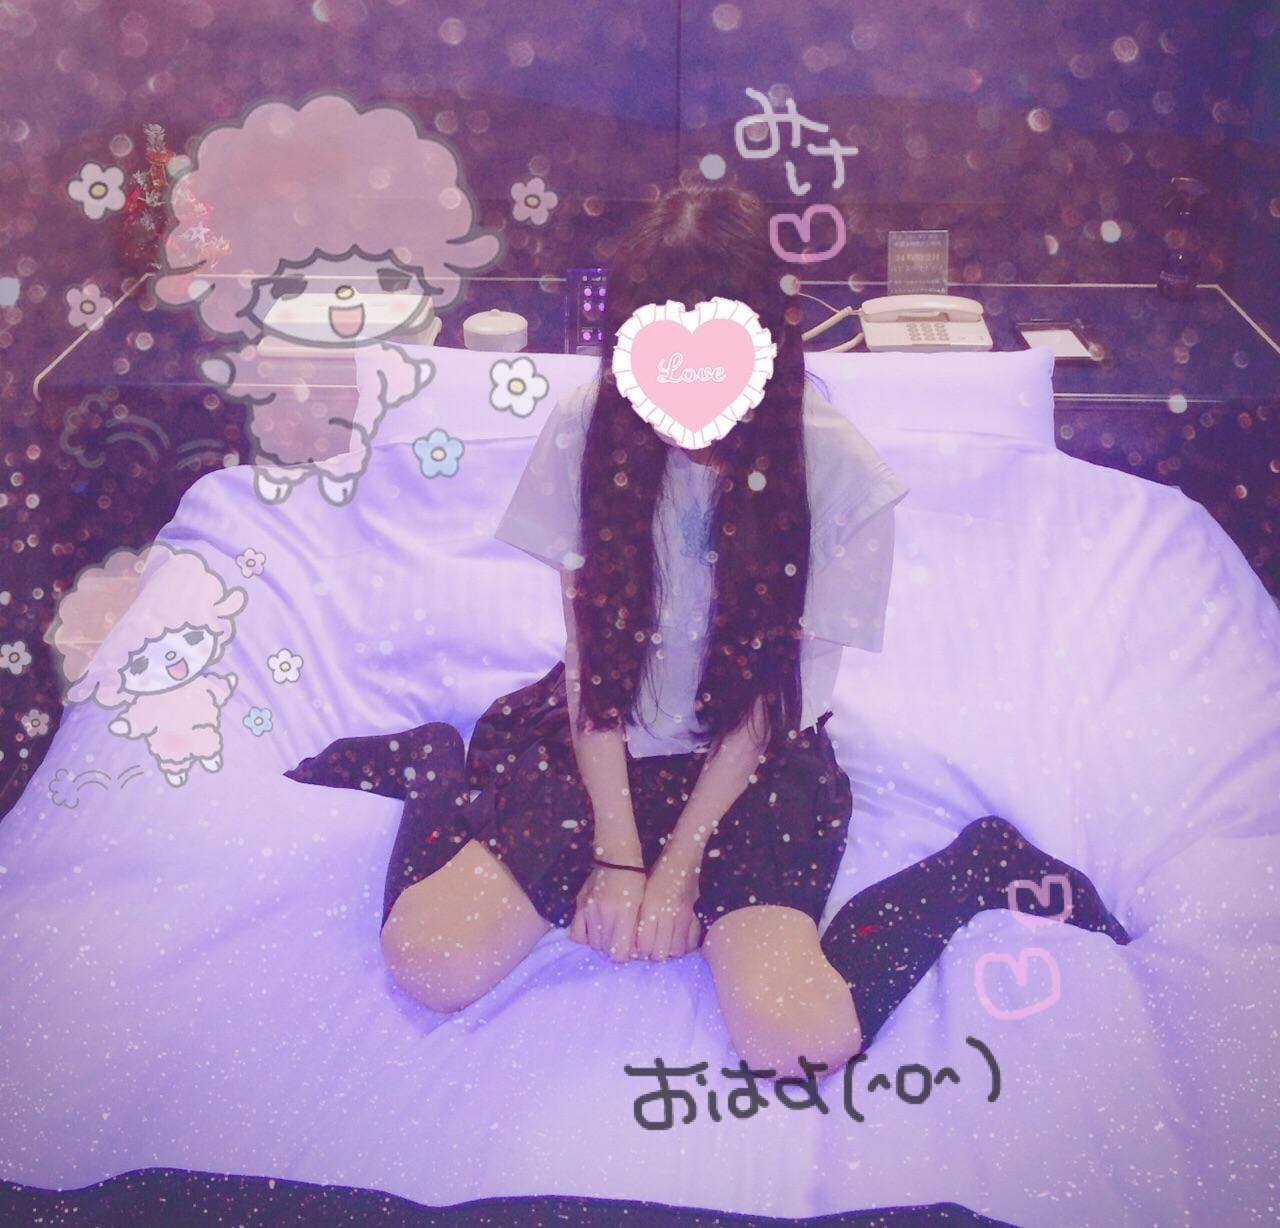 「もくよび(ᯅ̈ )」12/24(12/24) 13:40 | みけの写メ・風俗動画